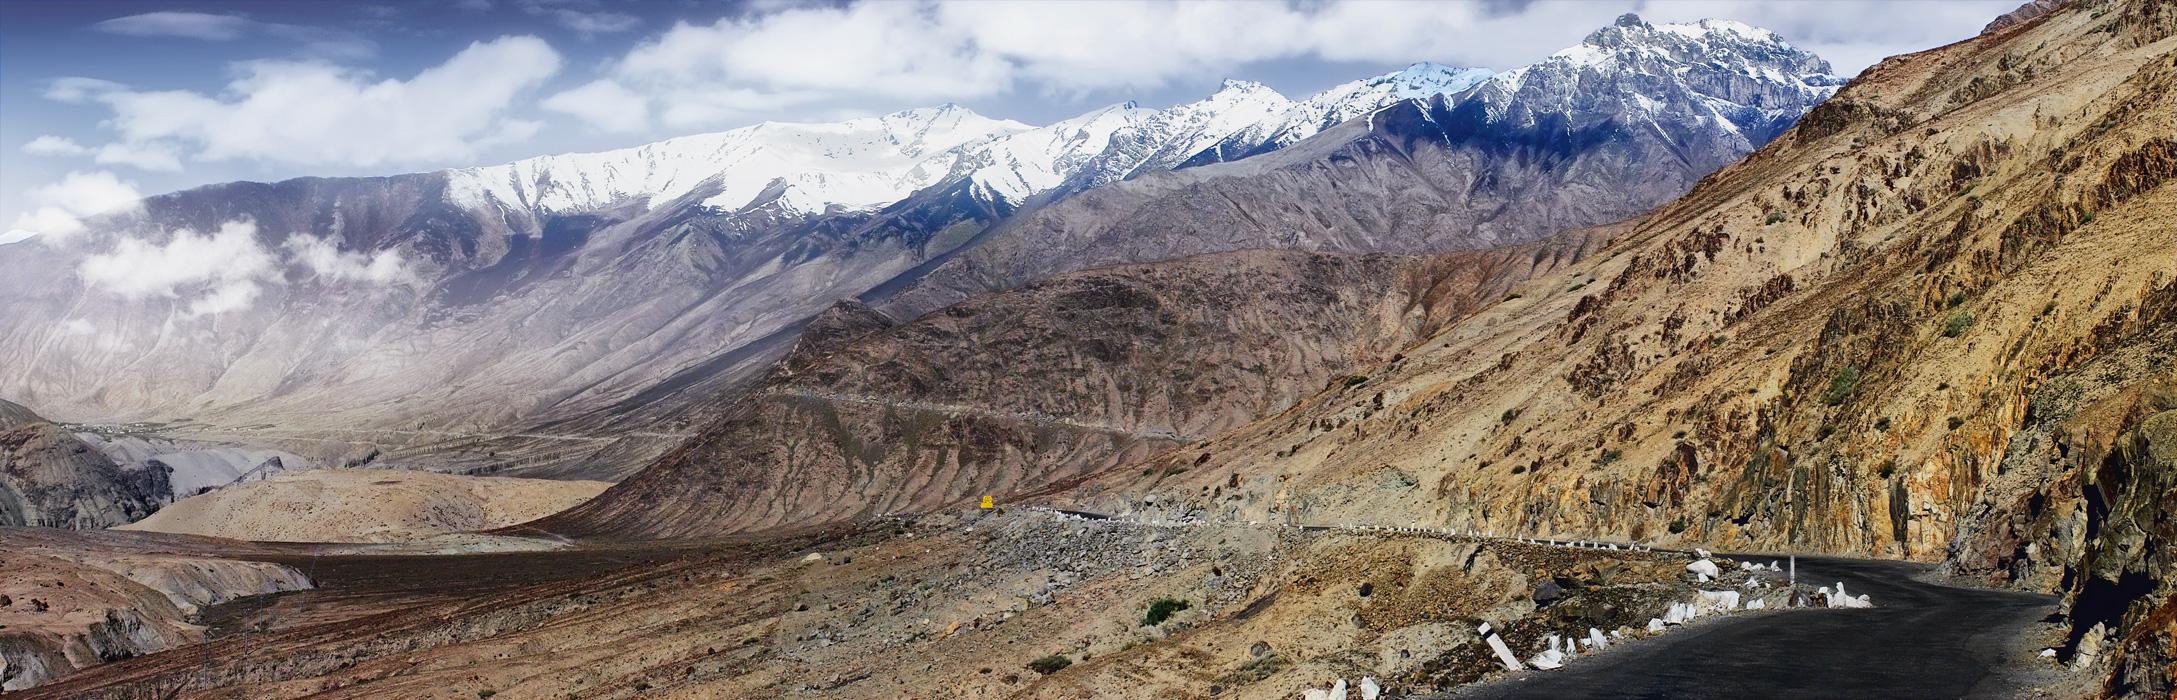 Дорога из долины Нубра. Панорамы Гималаев, Ладакх, Индия